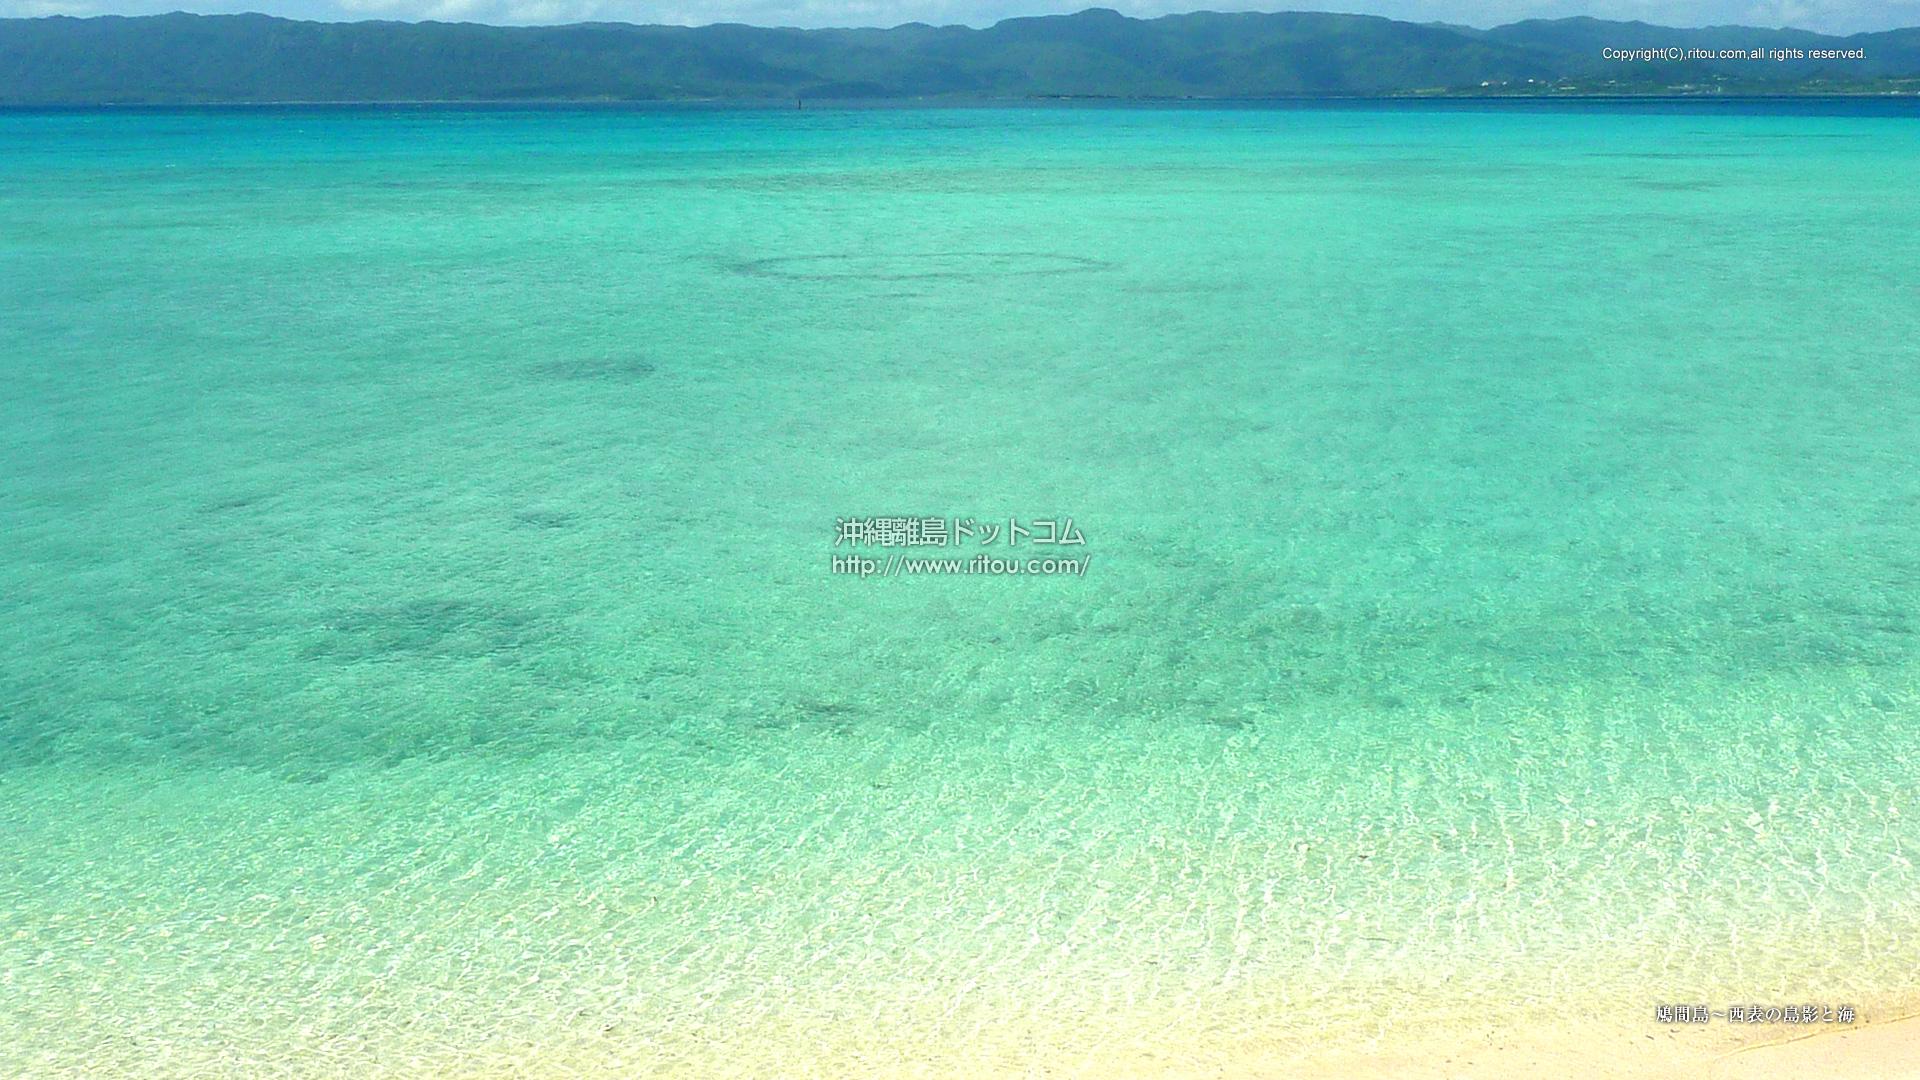 鳩間島〜西表の島影と海